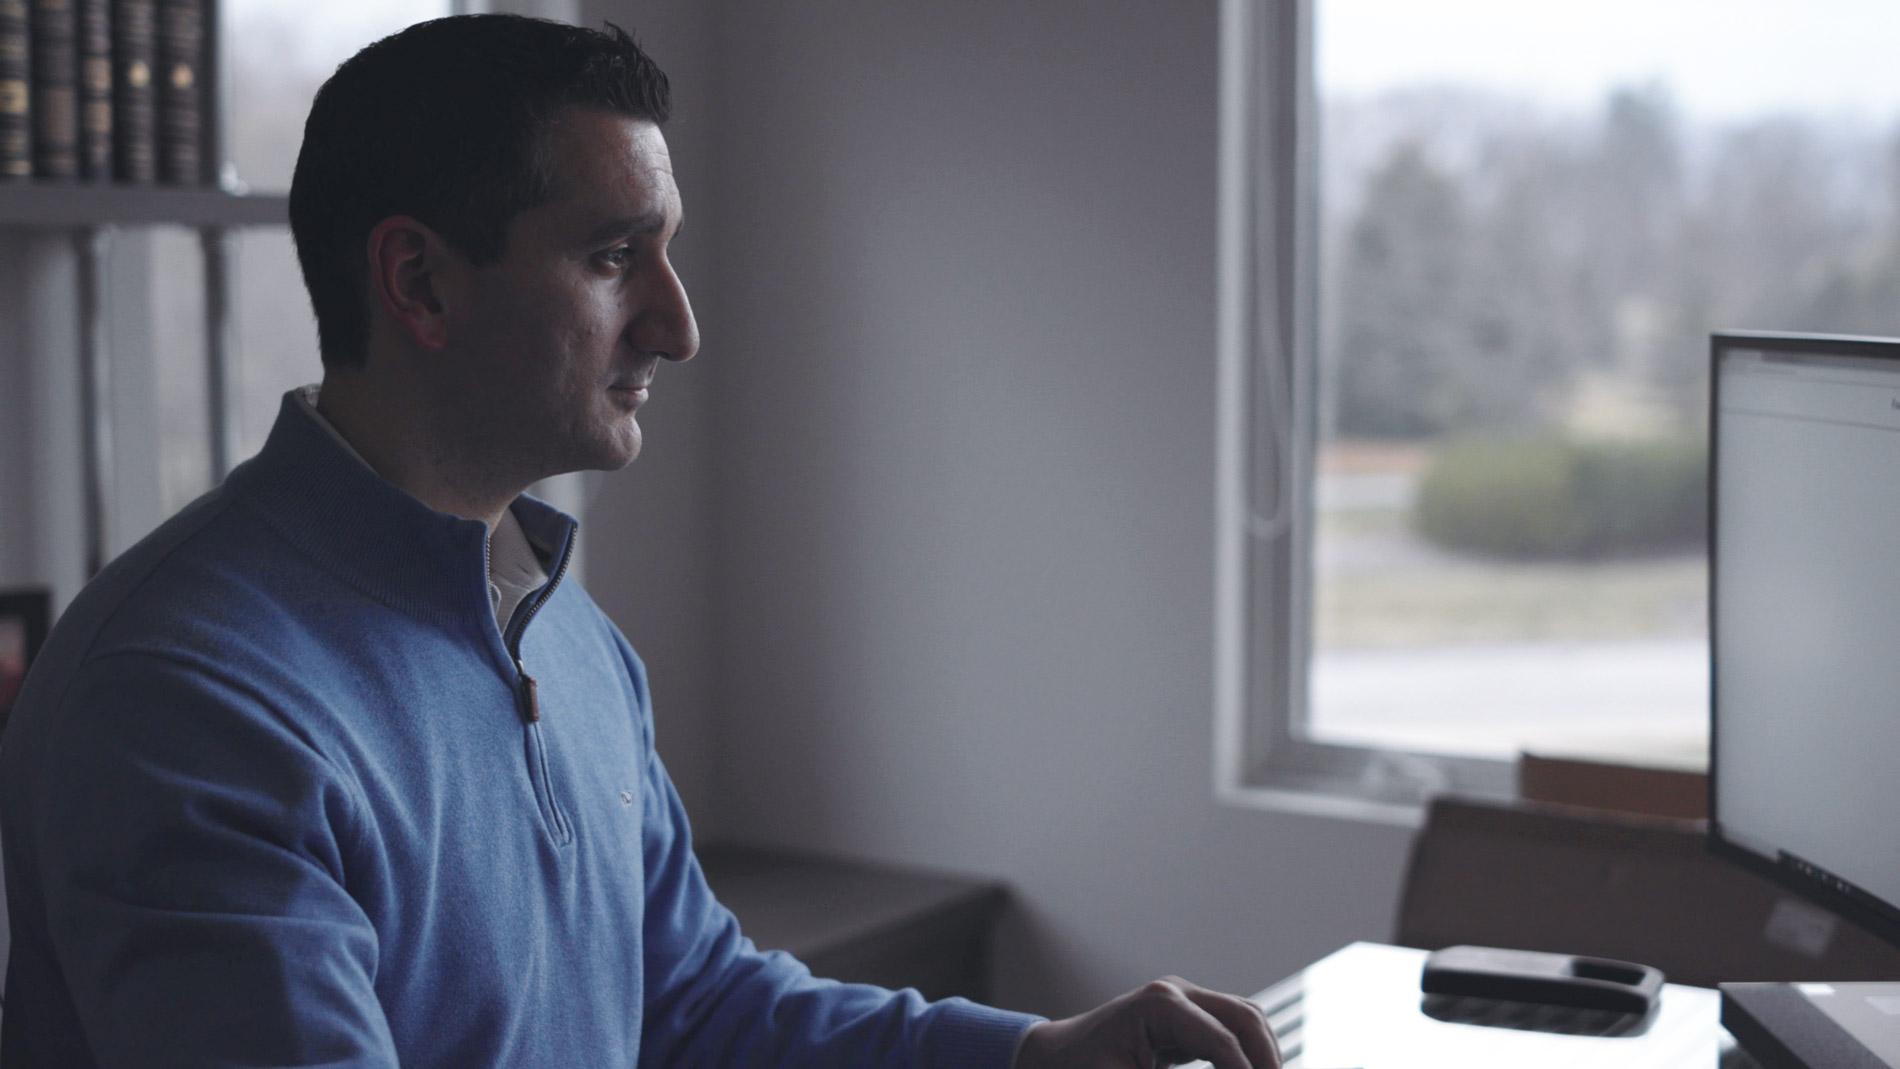 Moe Working On Computer